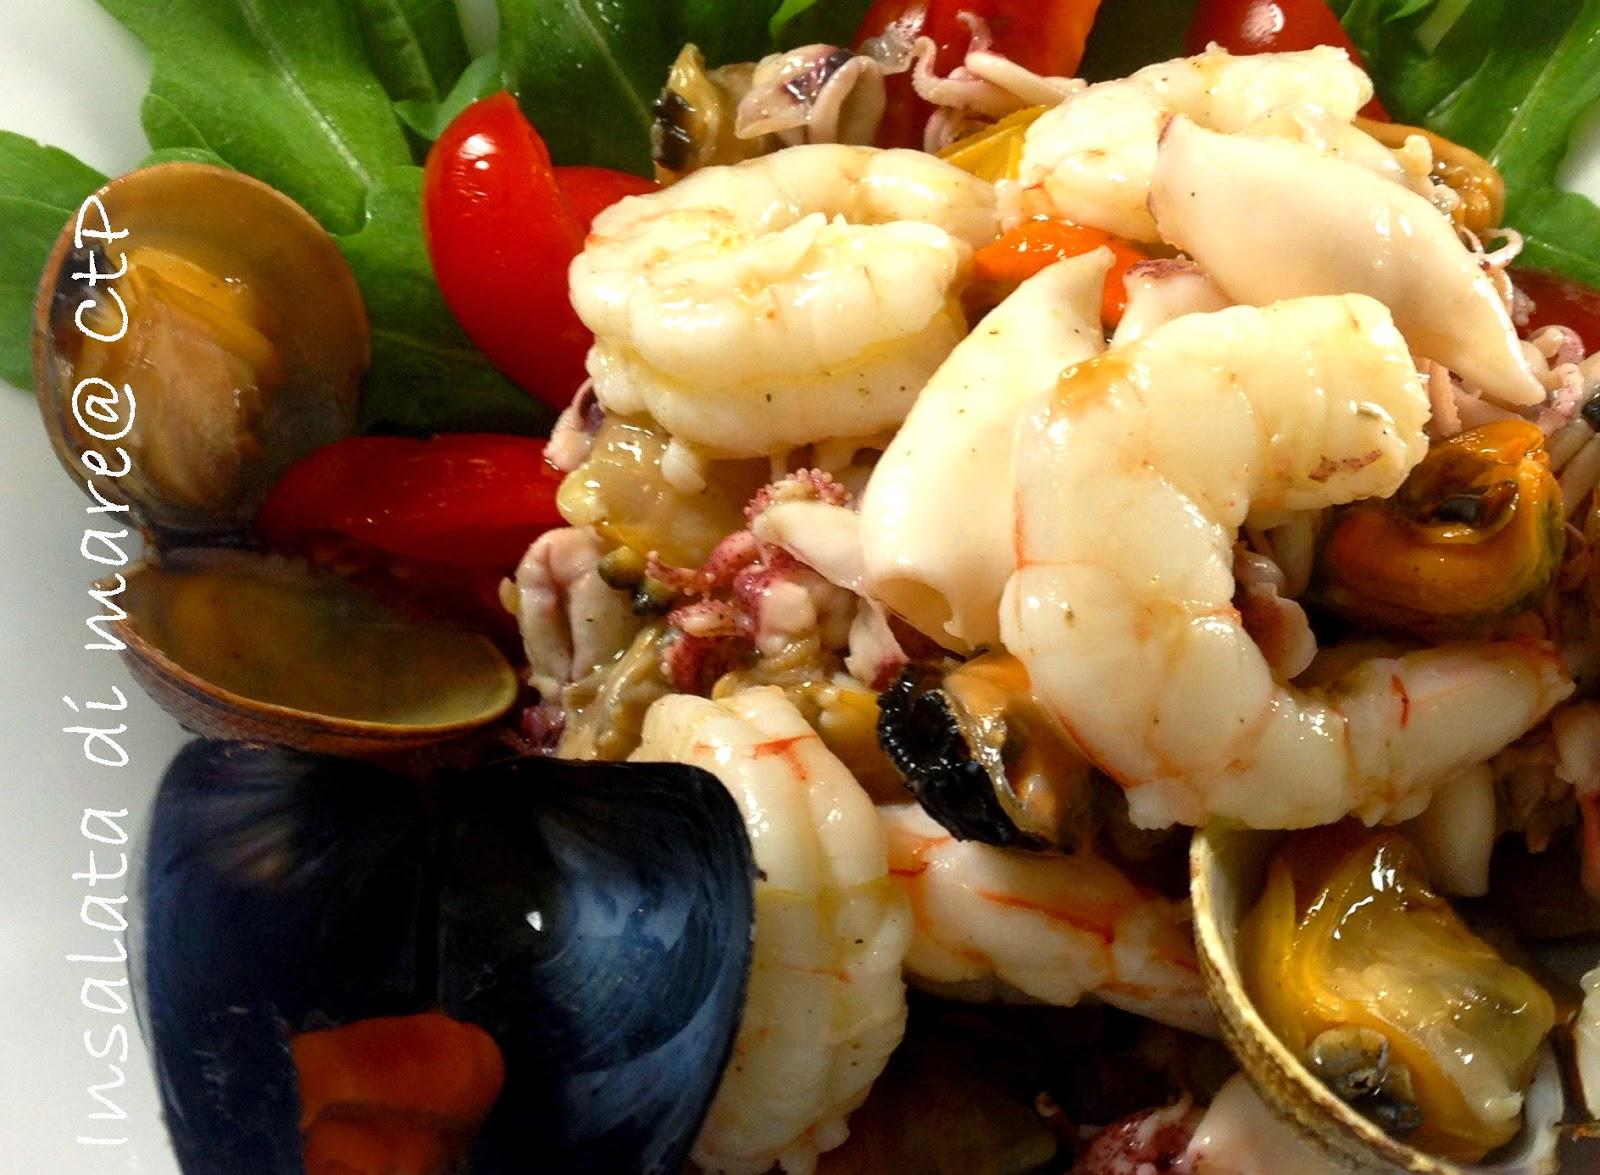 insalata di mare gamberitti cozze e vongole moscardini pomodorini datterini